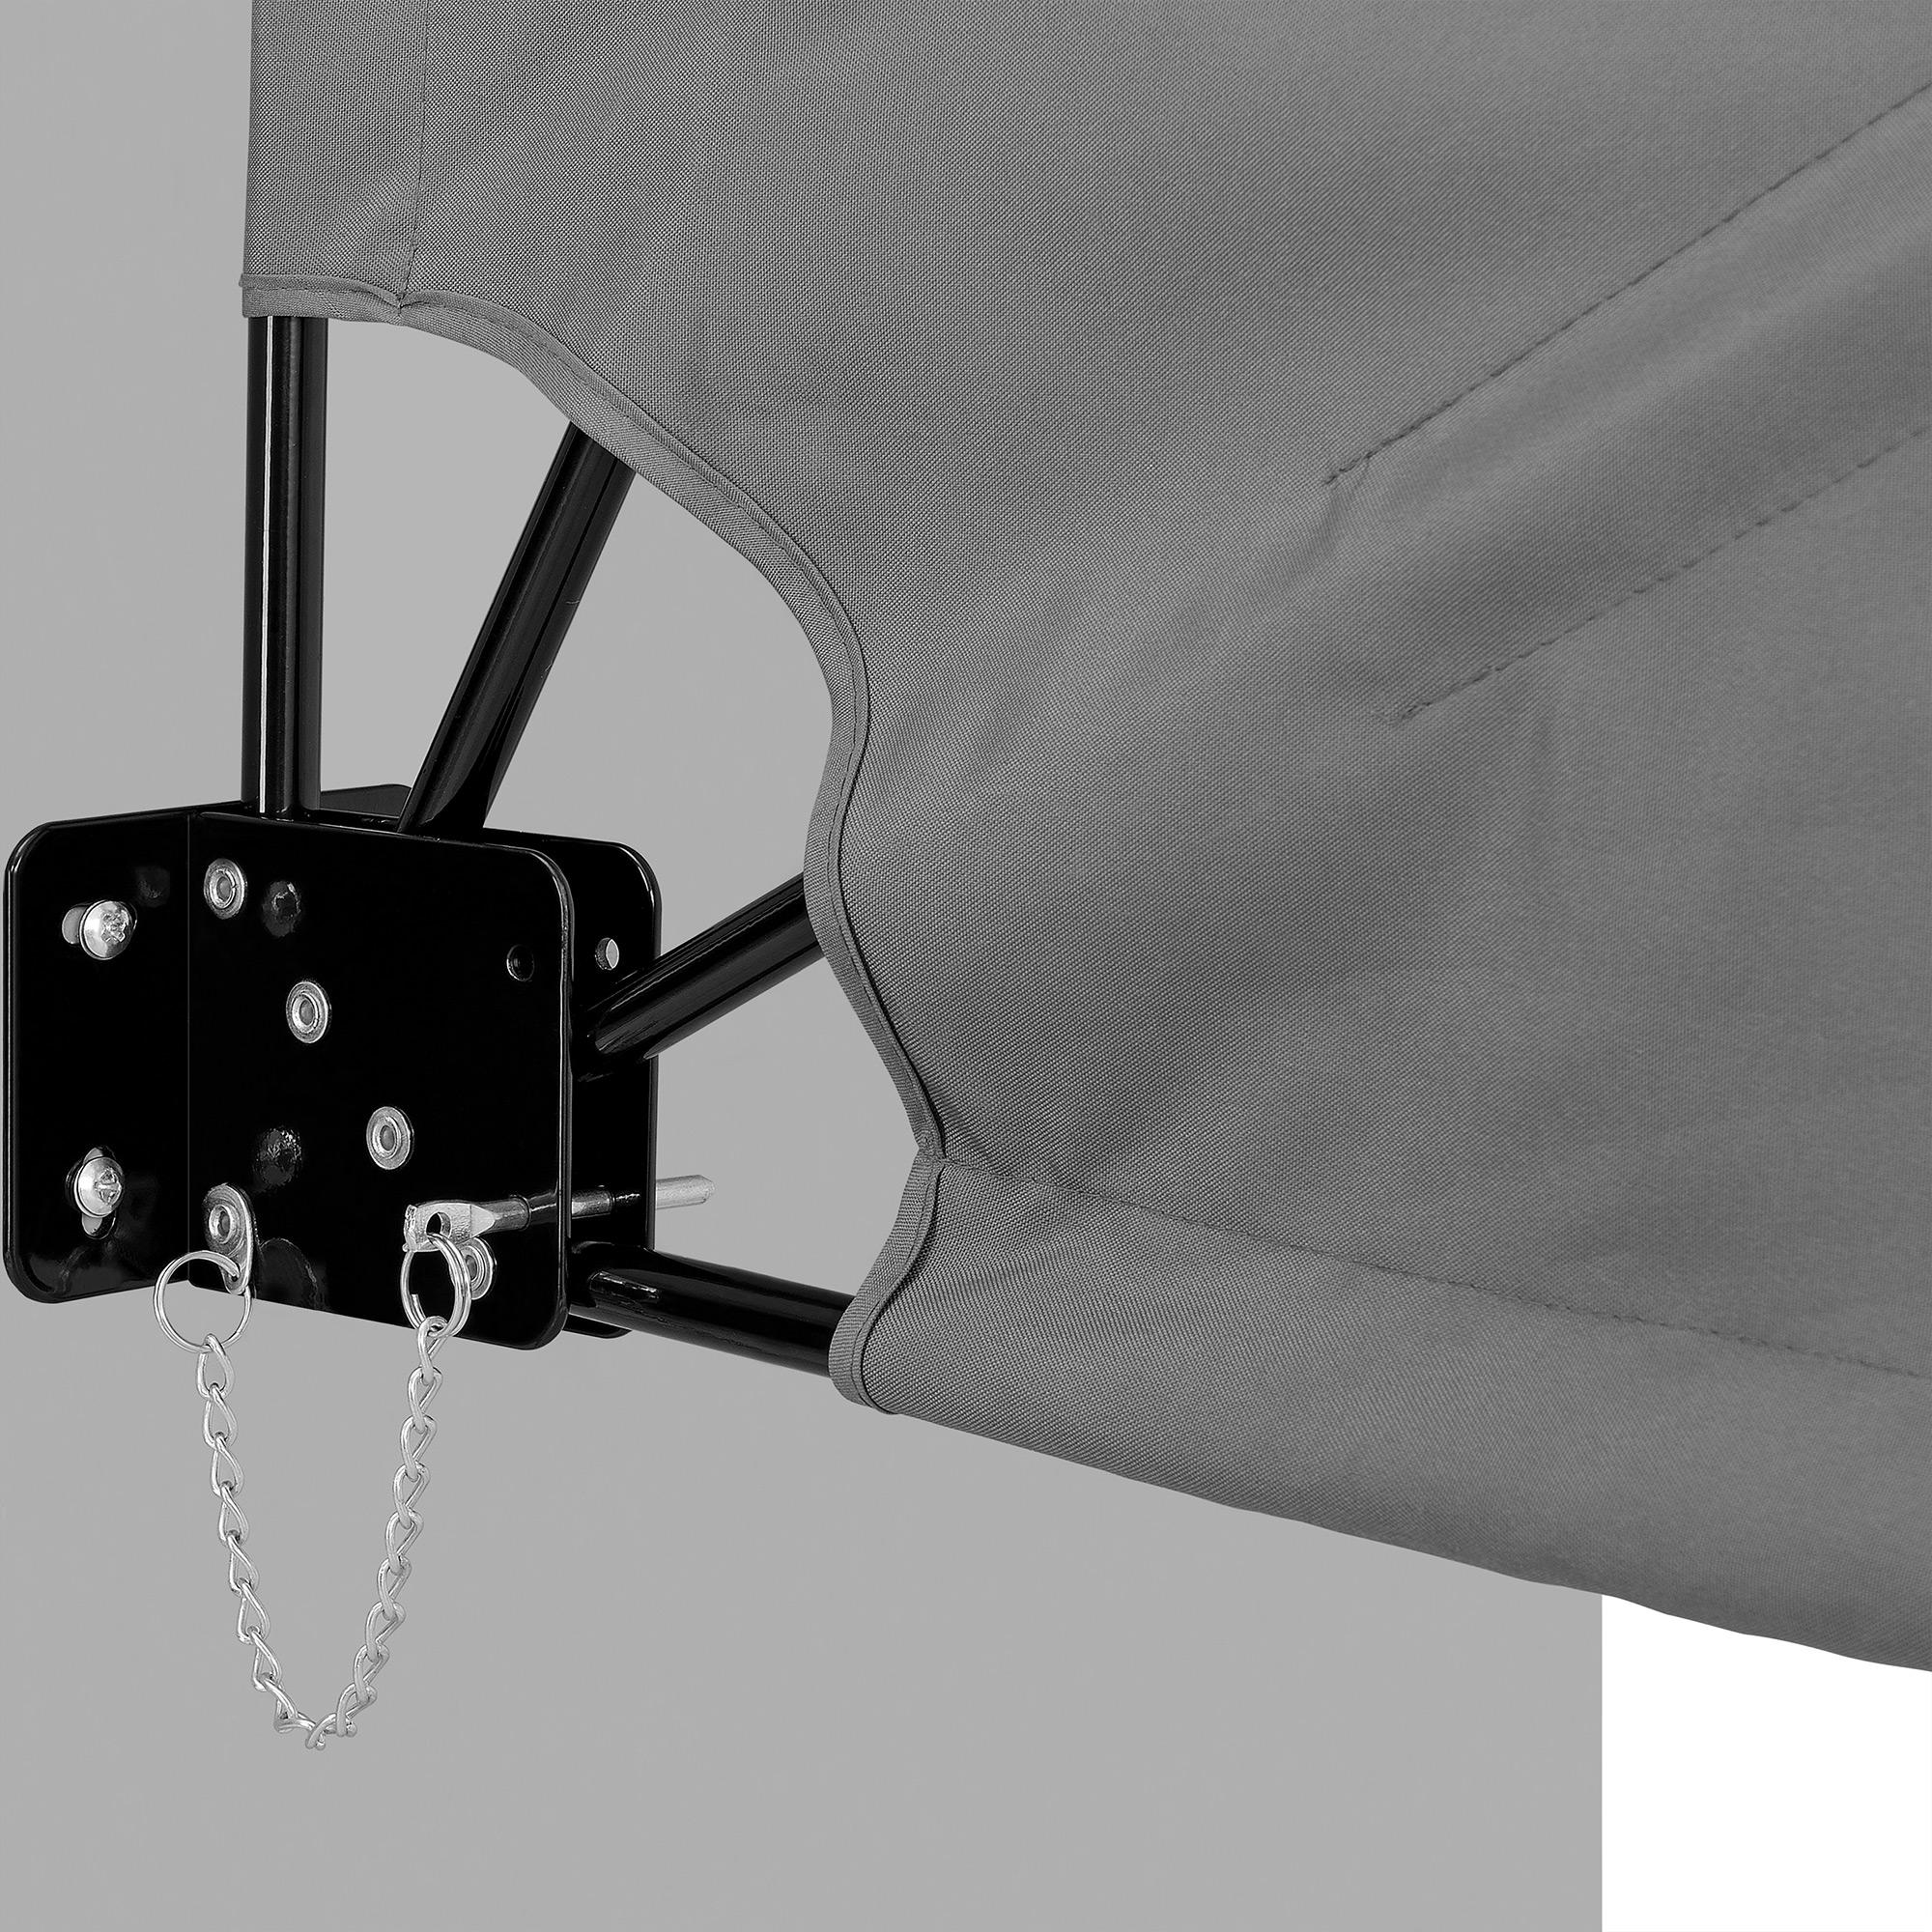 eventail pour balcon brise vue gris beige marquise balcon soleil vent ebay. Black Bedroom Furniture Sets. Home Design Ideas